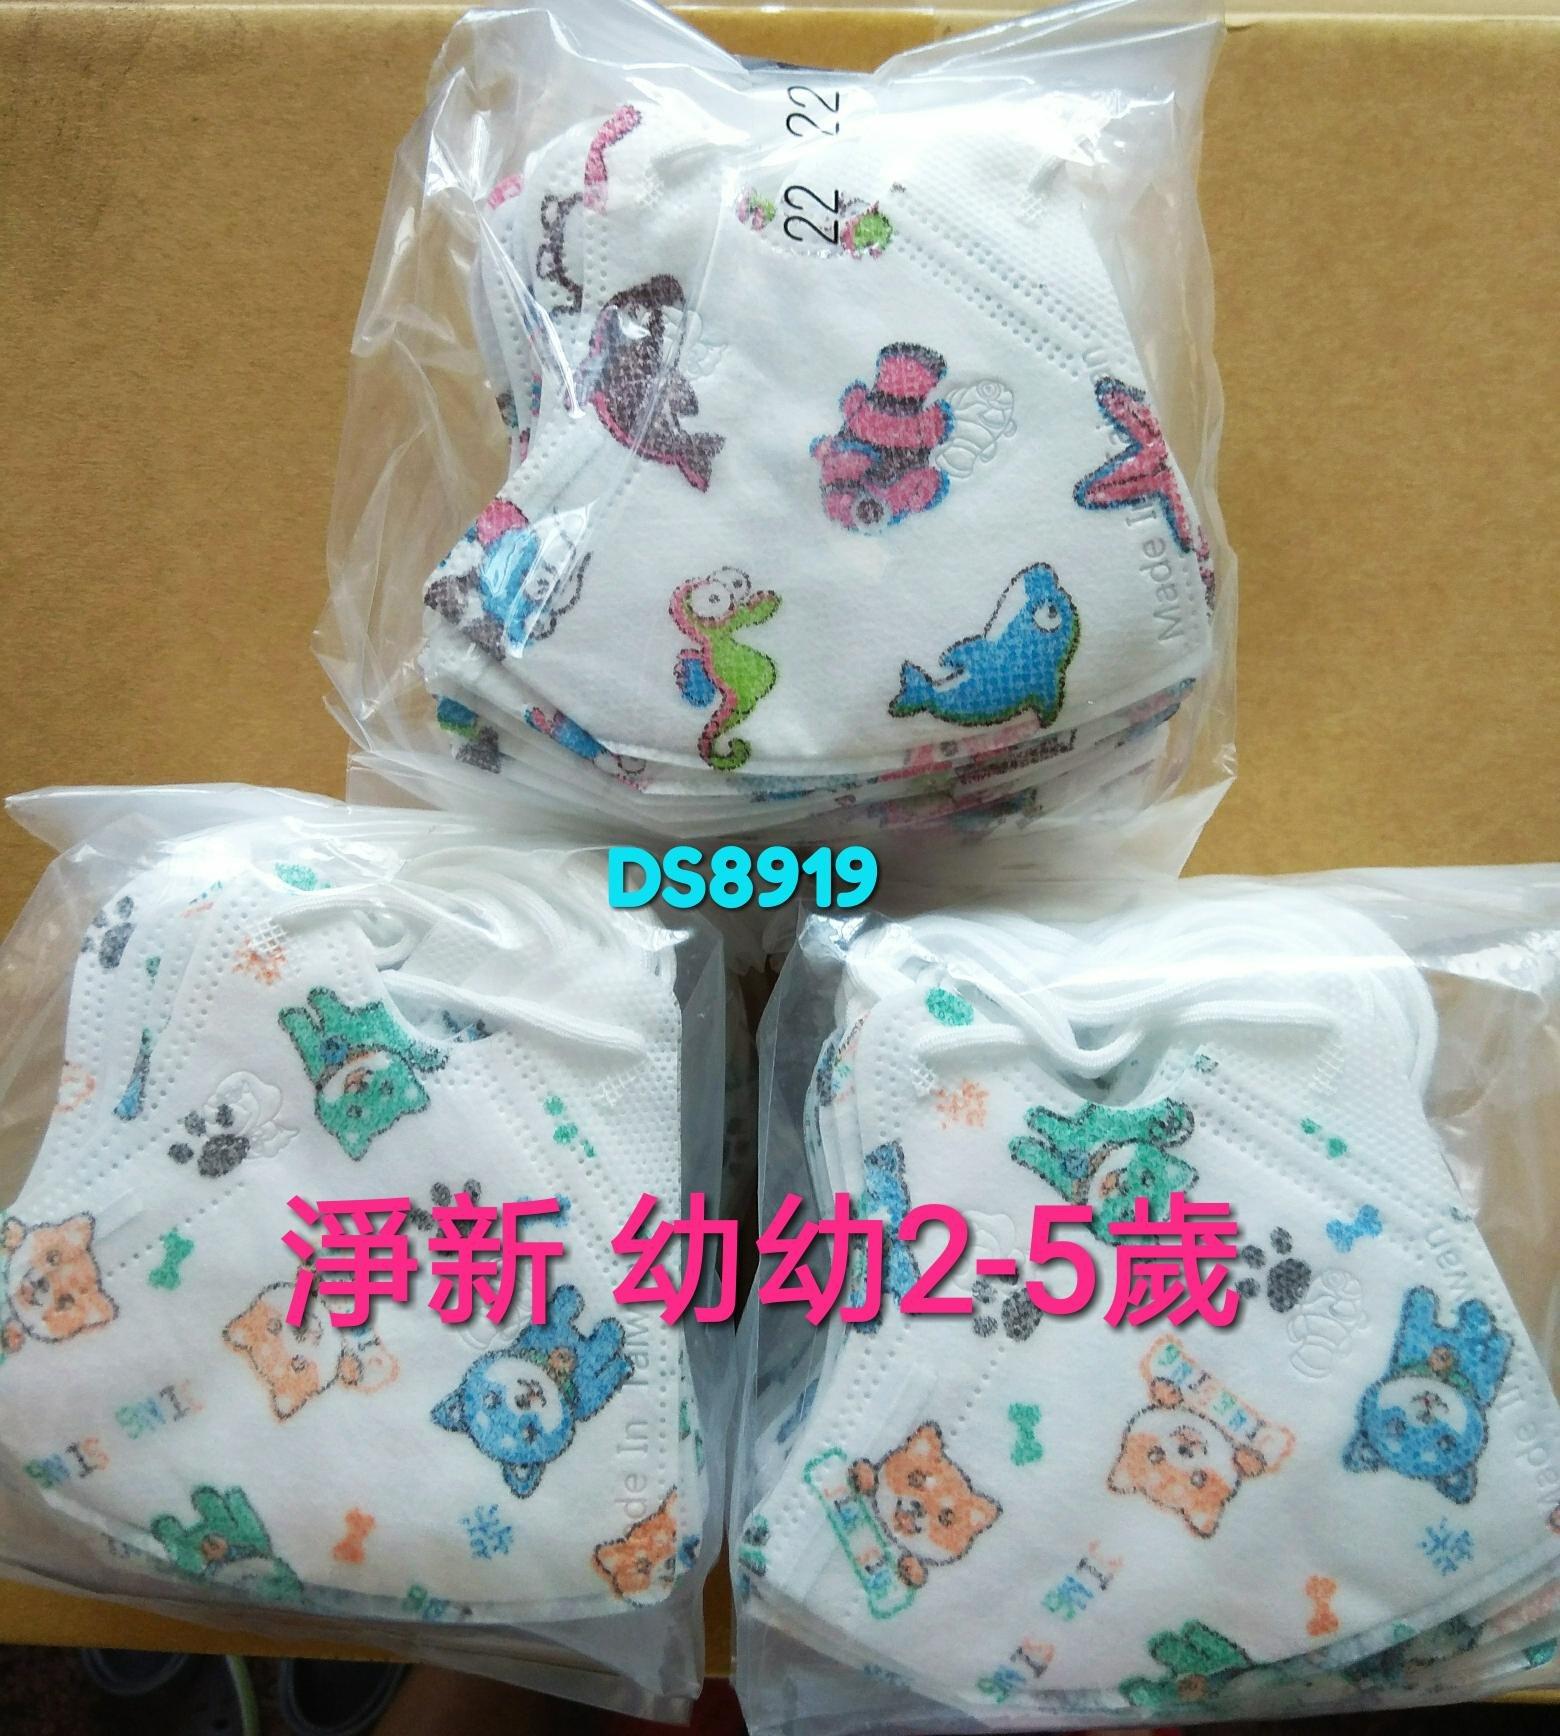 (買二送一) 淨新 2-5歲 幼幼 兒童 立體 耳繩 口罩 台灣製 50片盒裝 (買二盒 贈兒童護目鏡)